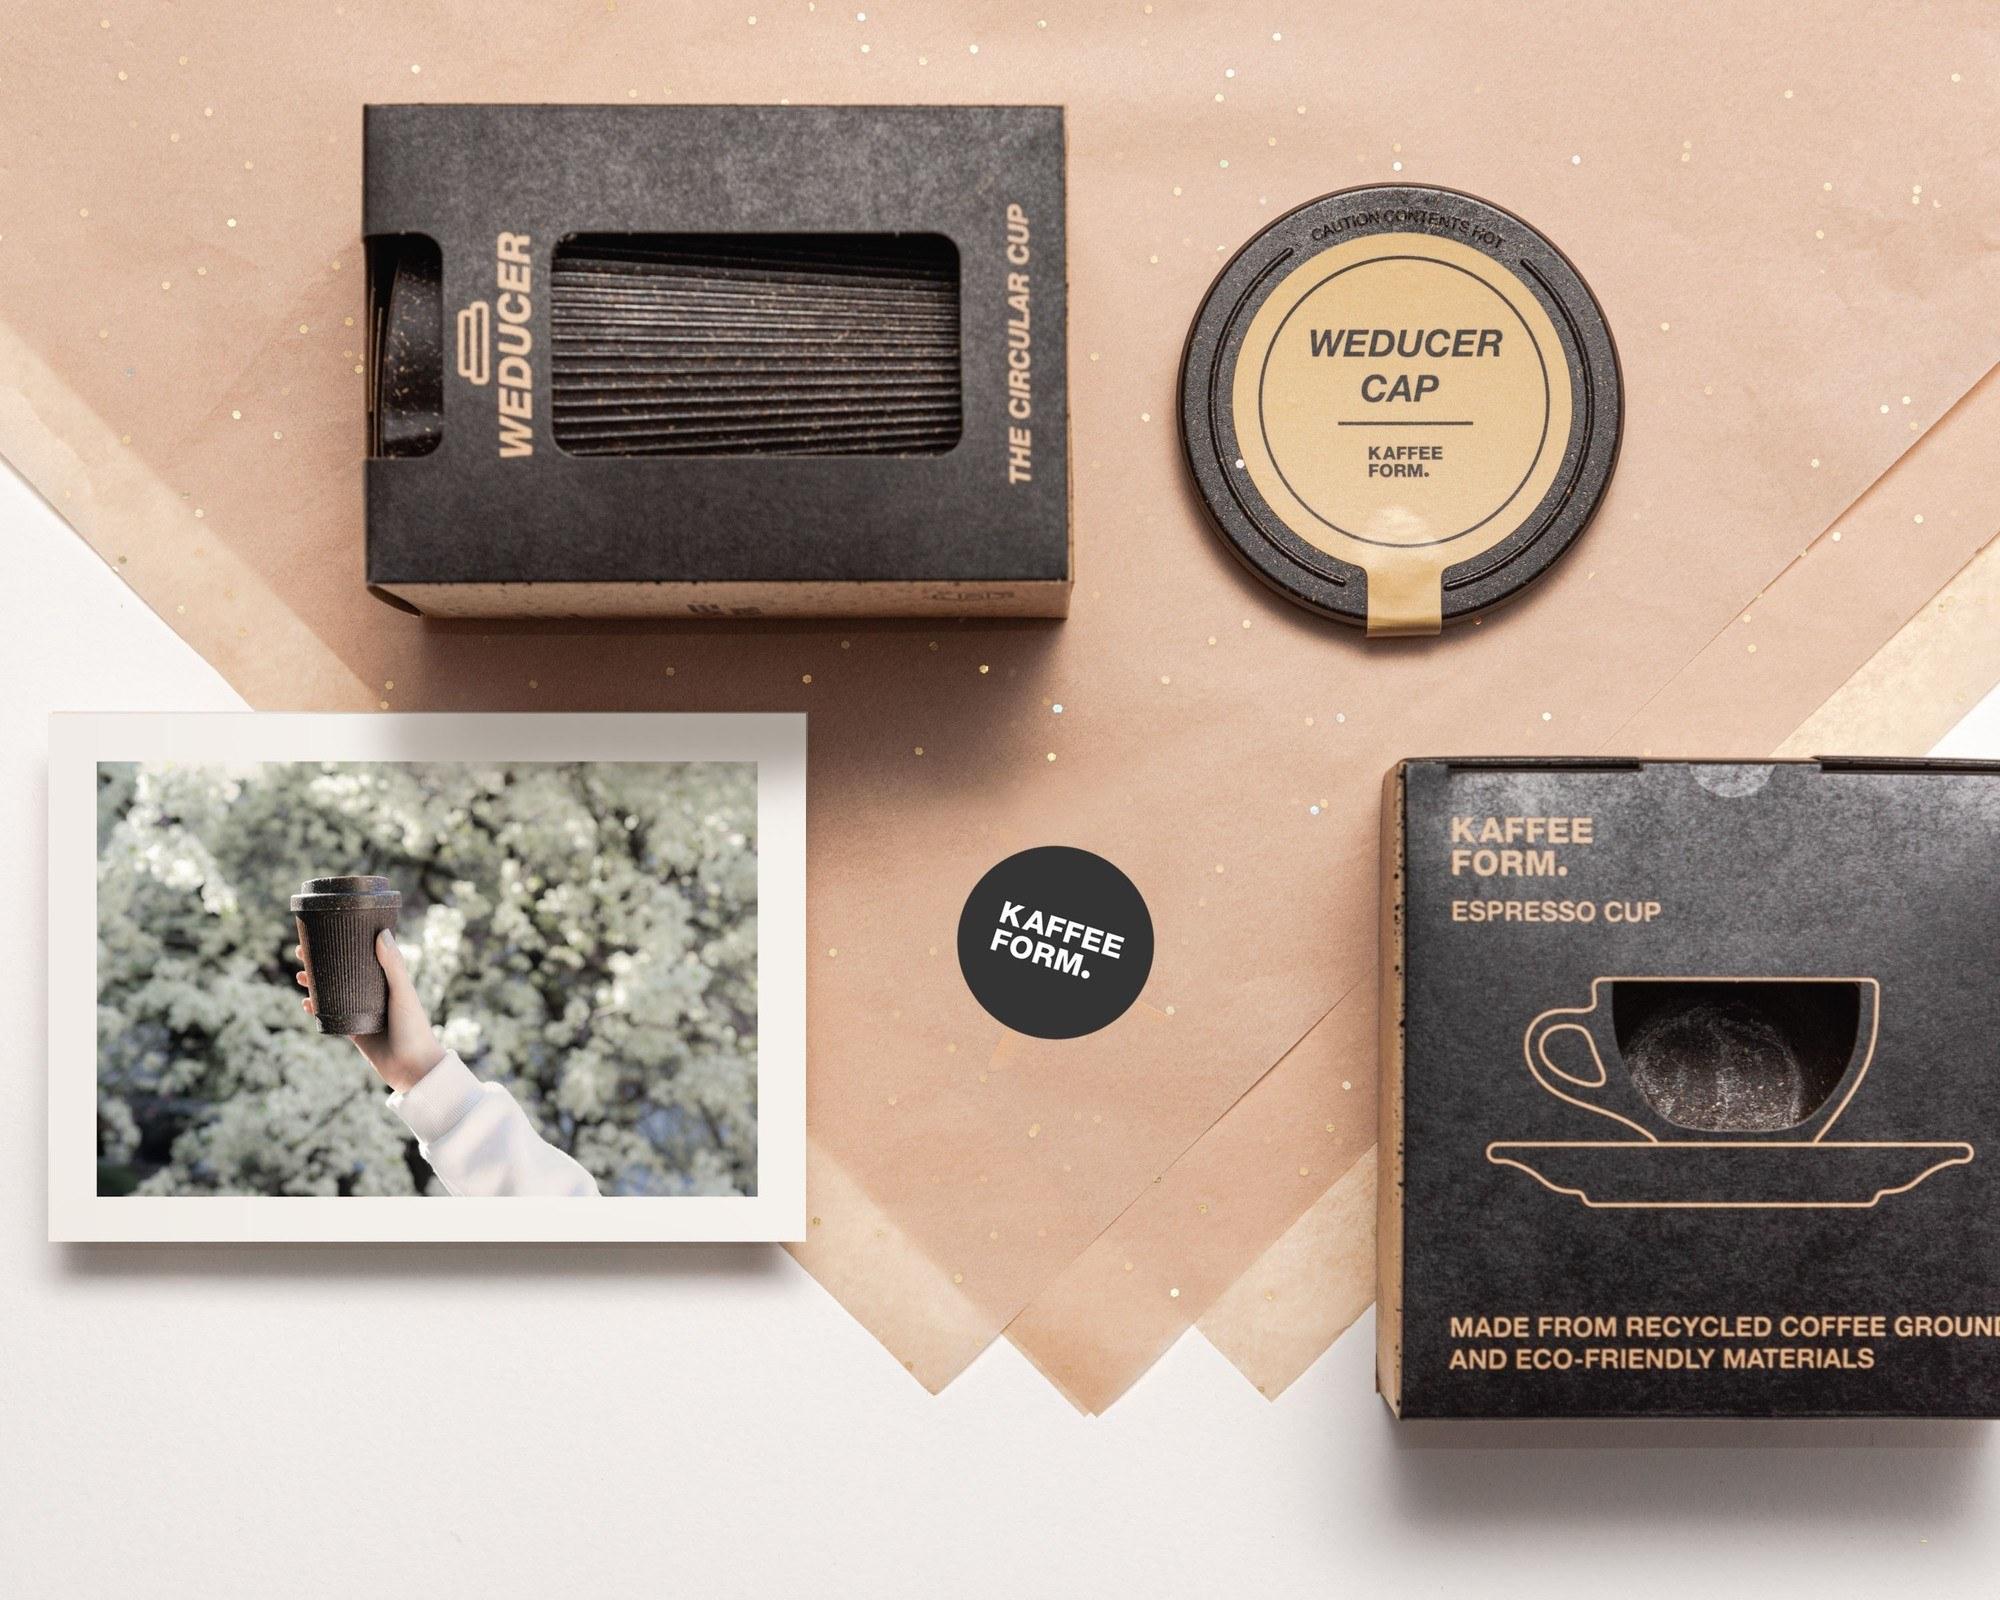 Kaffeeform Geschenkservice mit Weducer, Cap, Espresso Cup, Grußkarte und Geschenkpapier